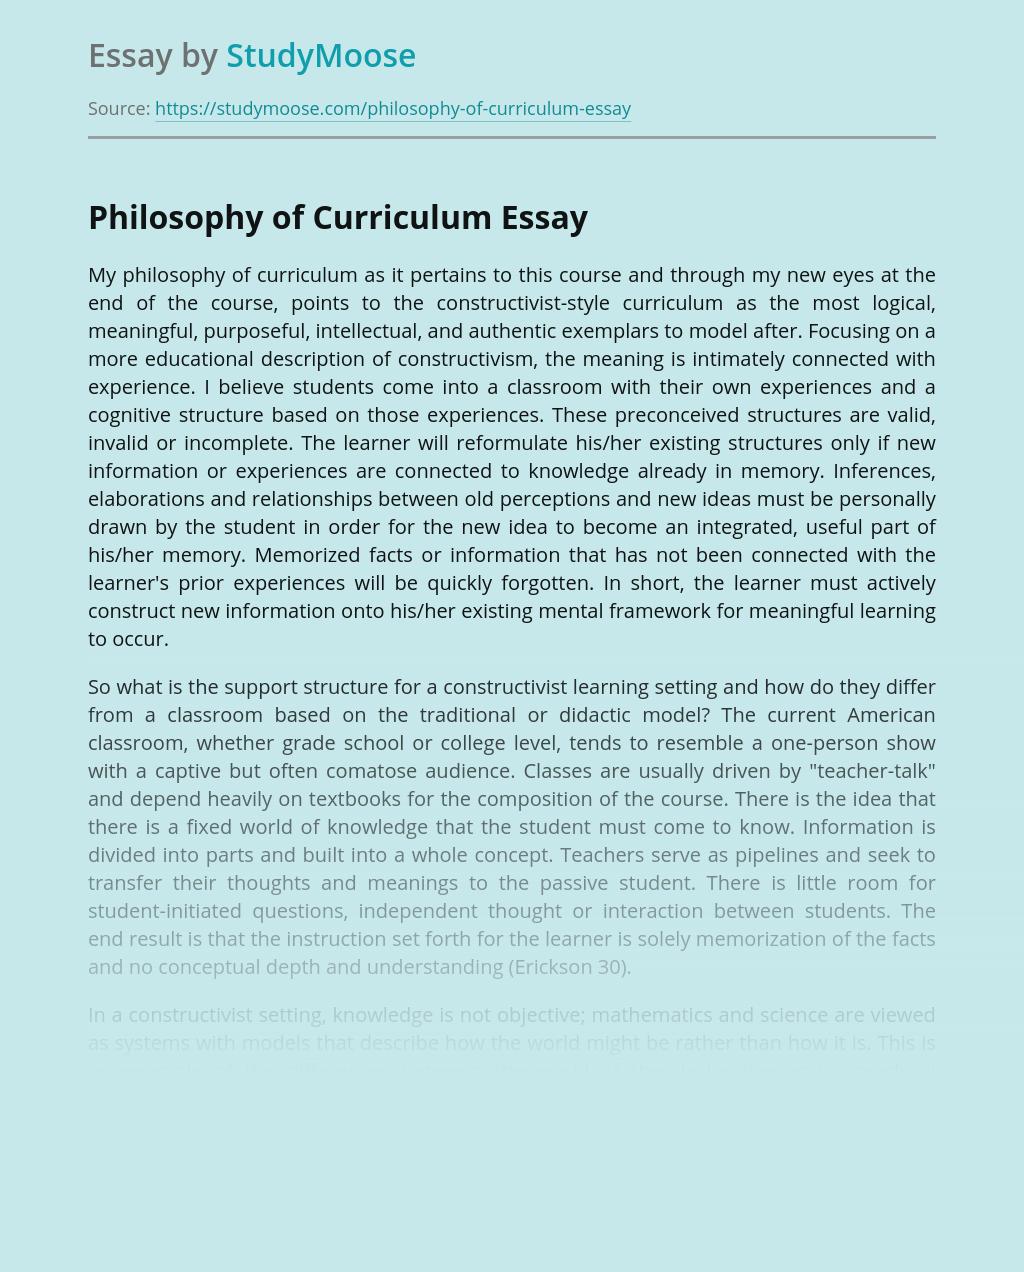 Philosophy of Curriculum